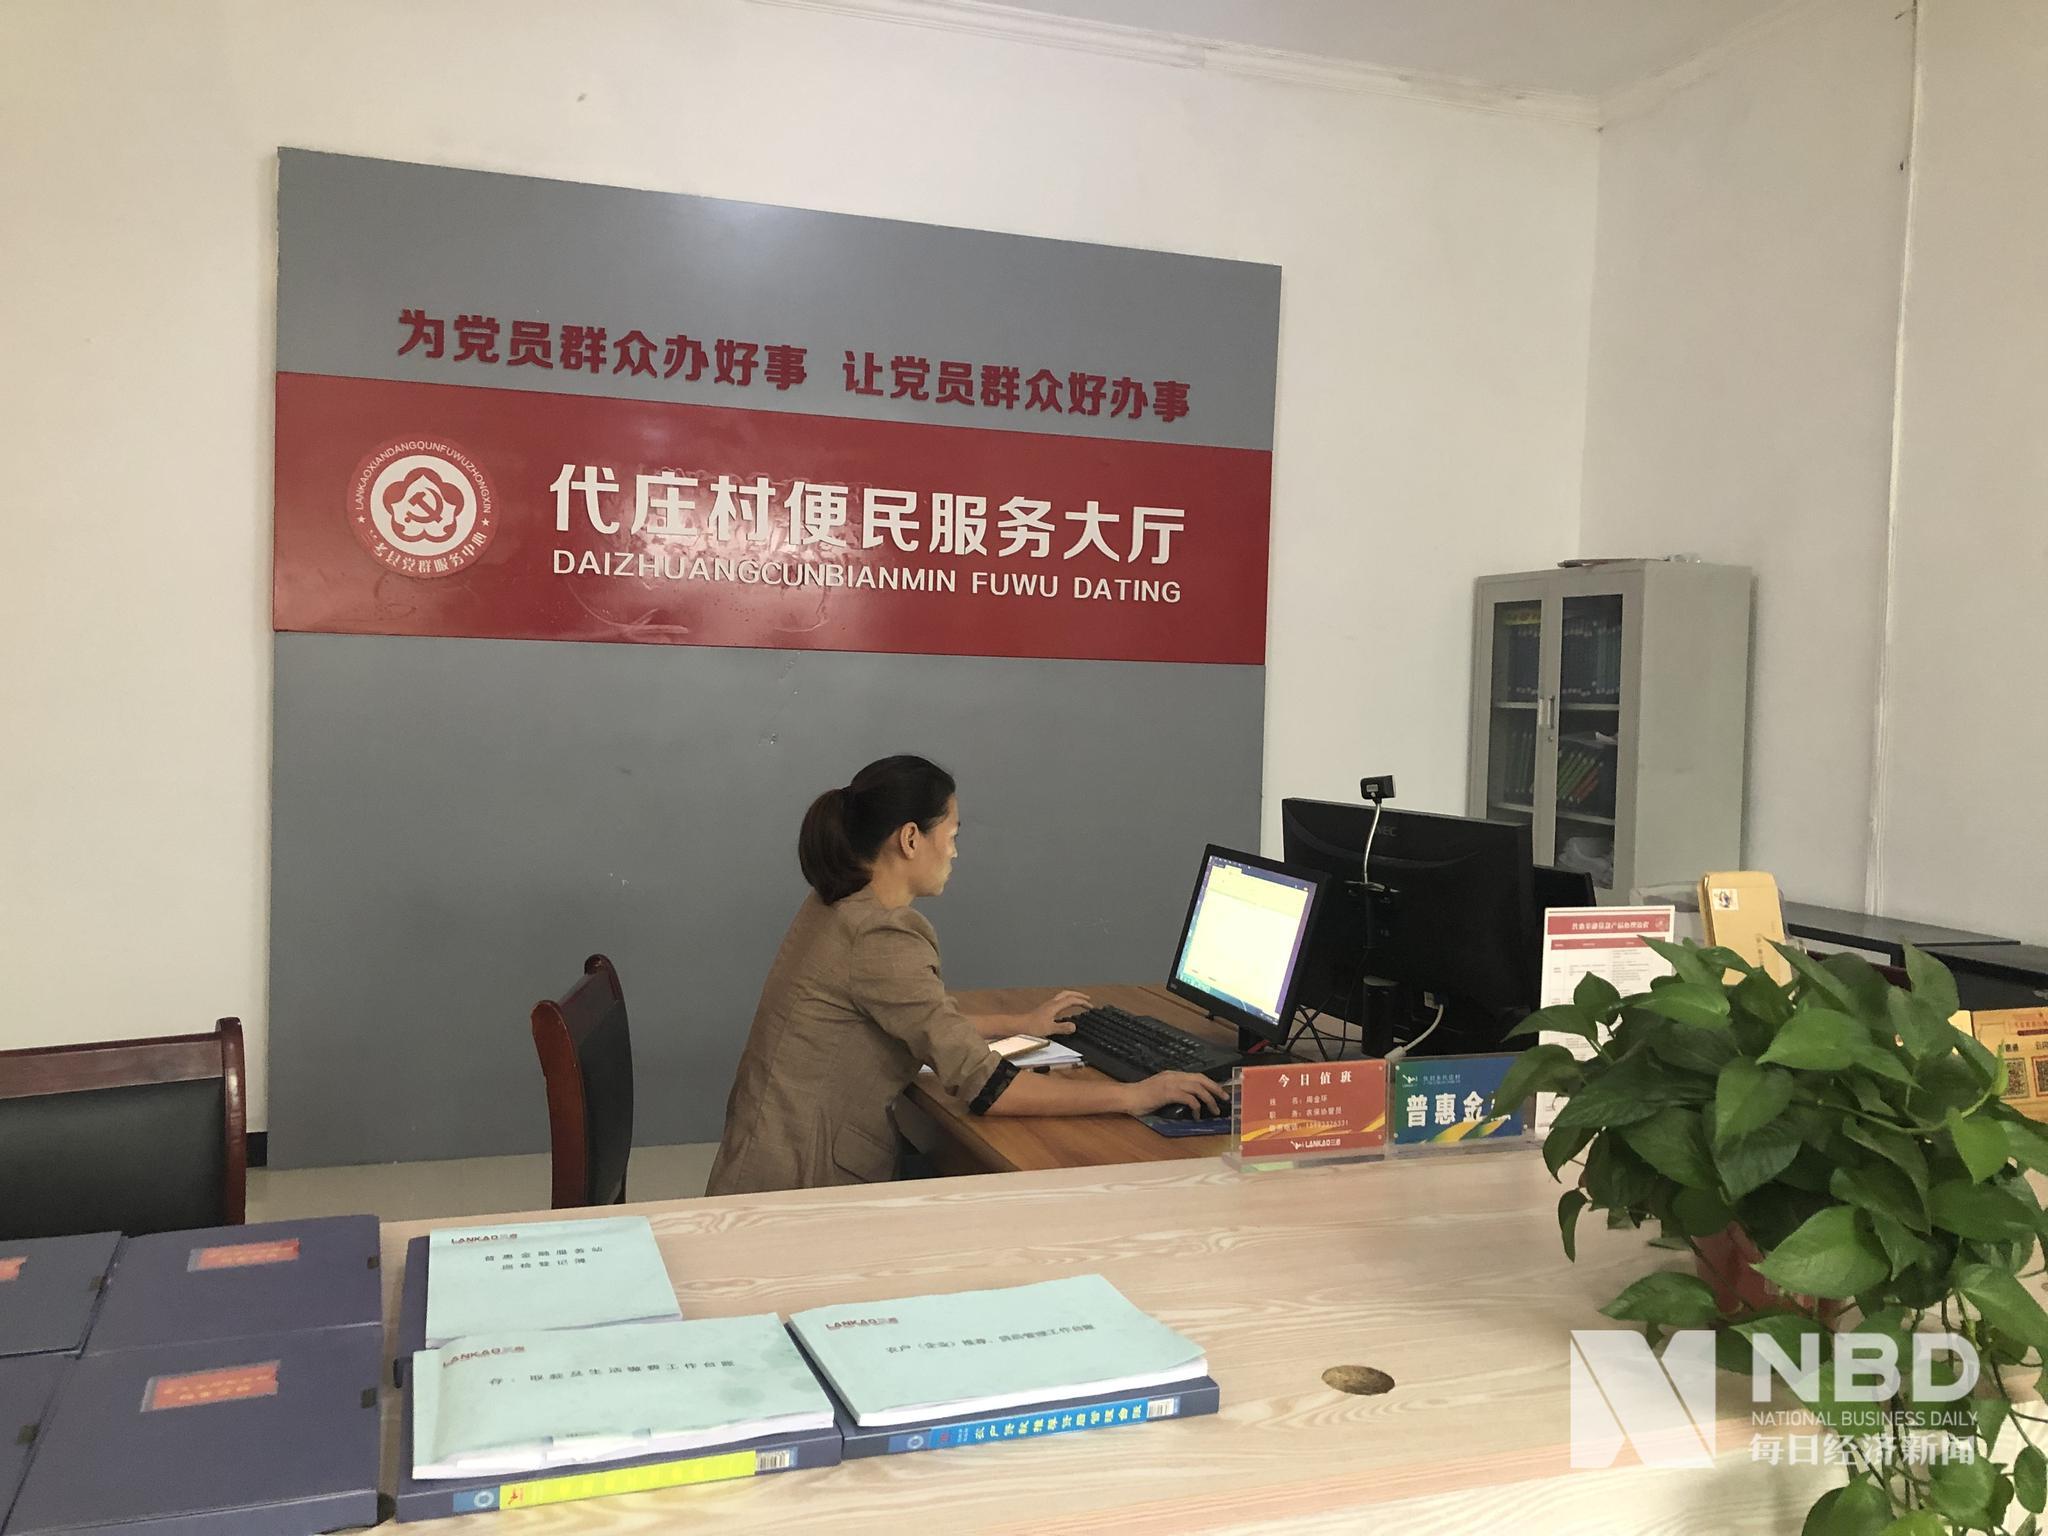 河南兰考创新普惠金融服务体系   农户贷款不再难、不再贵